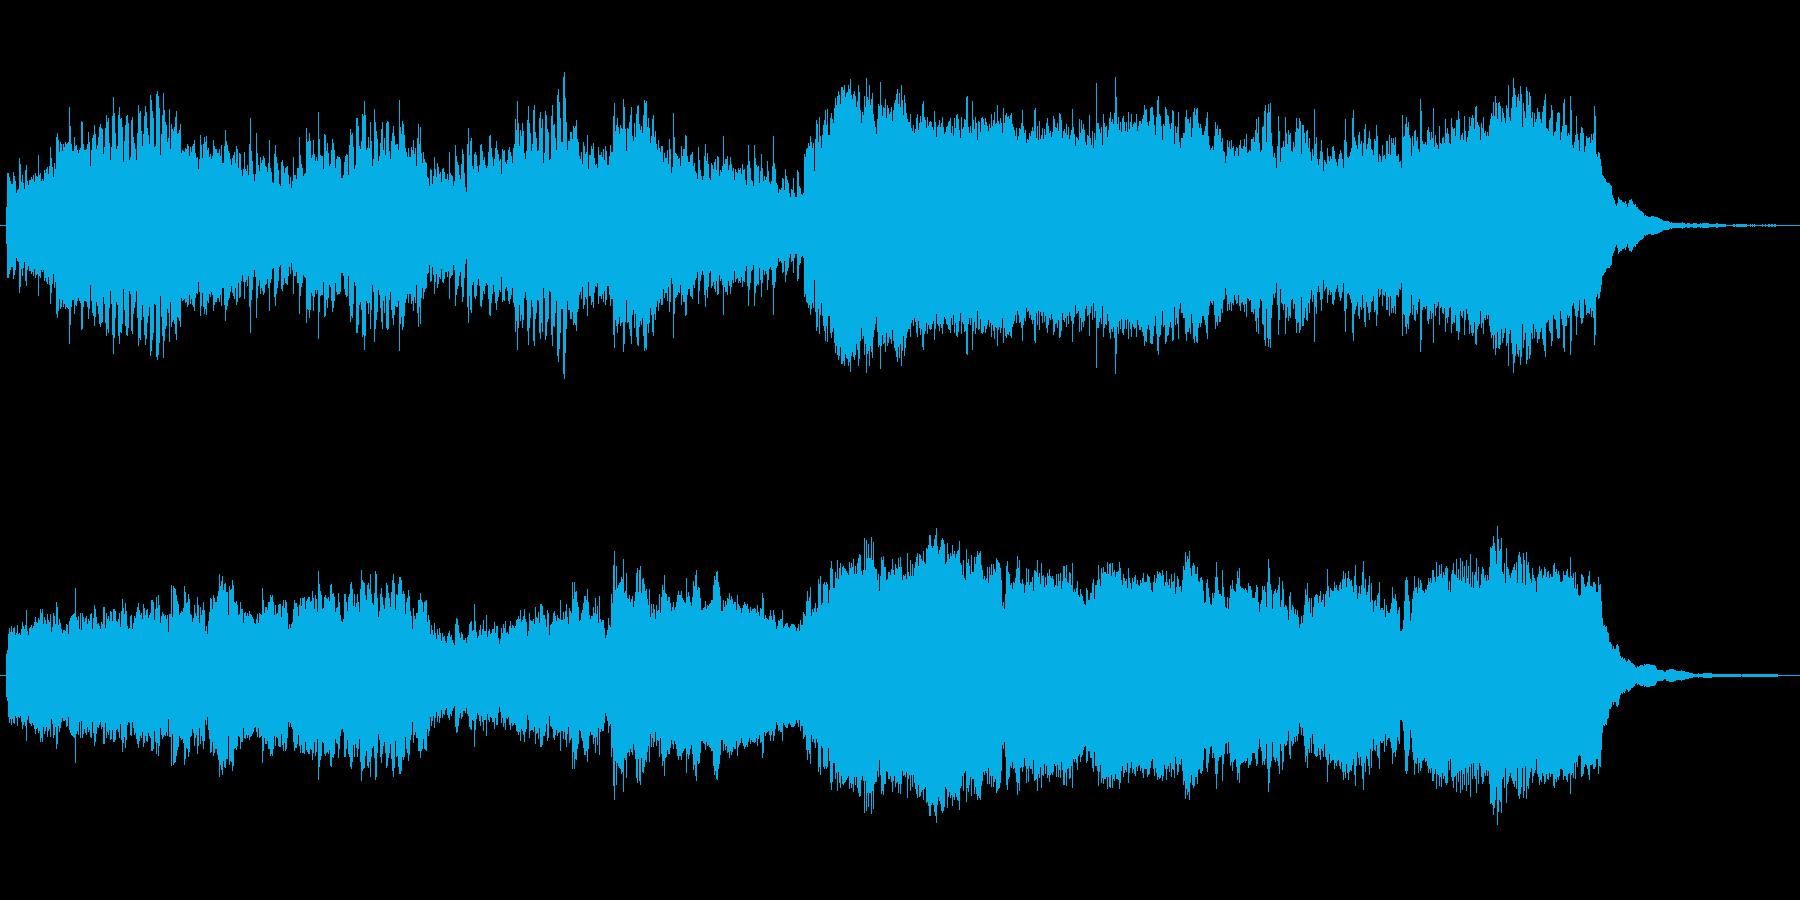 神秘的なイメージの曲の再生済みの波形